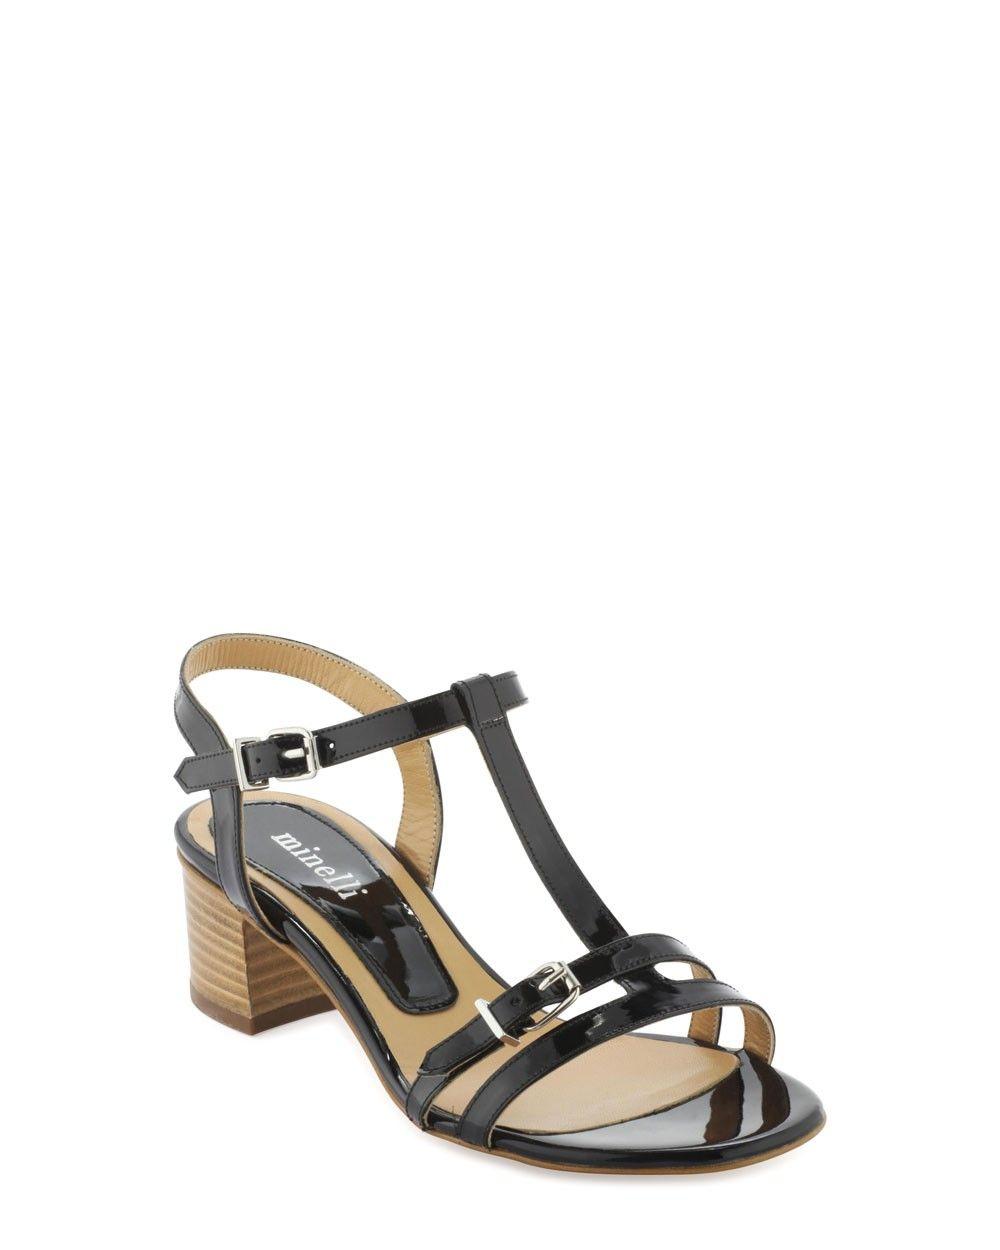 55f58132a9 Femme - La Collection chaussures - Sandale - Sandale - Philomène - Noir